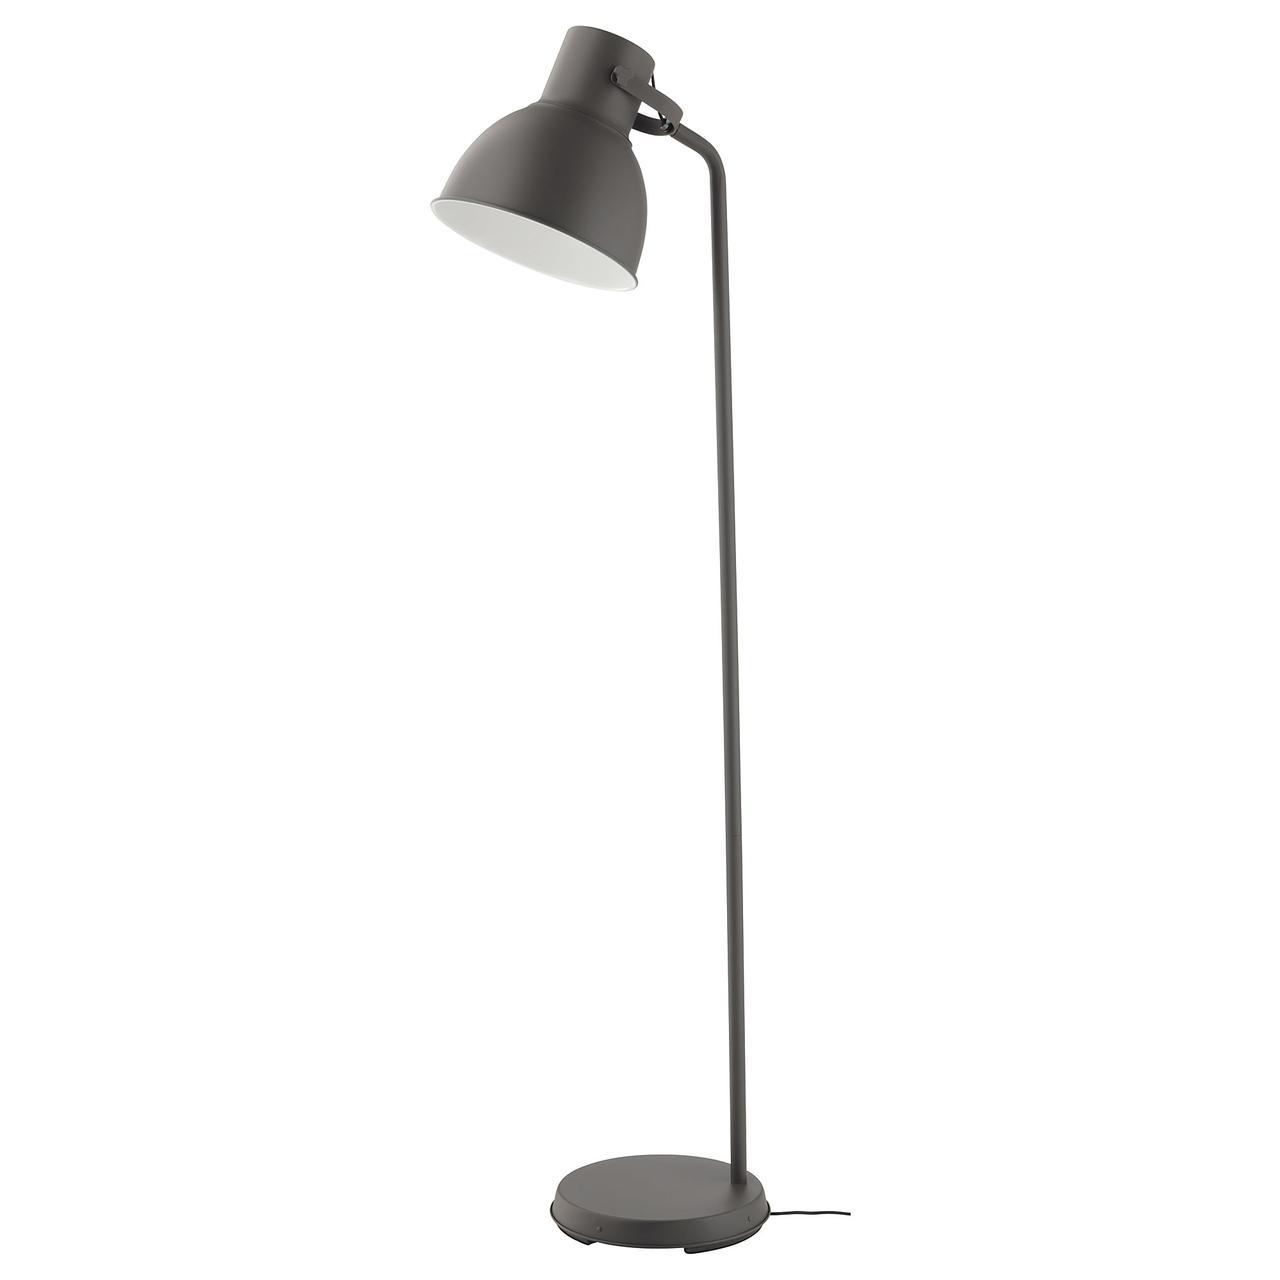 ХЕКТАР Светильник напольный, темно-серый